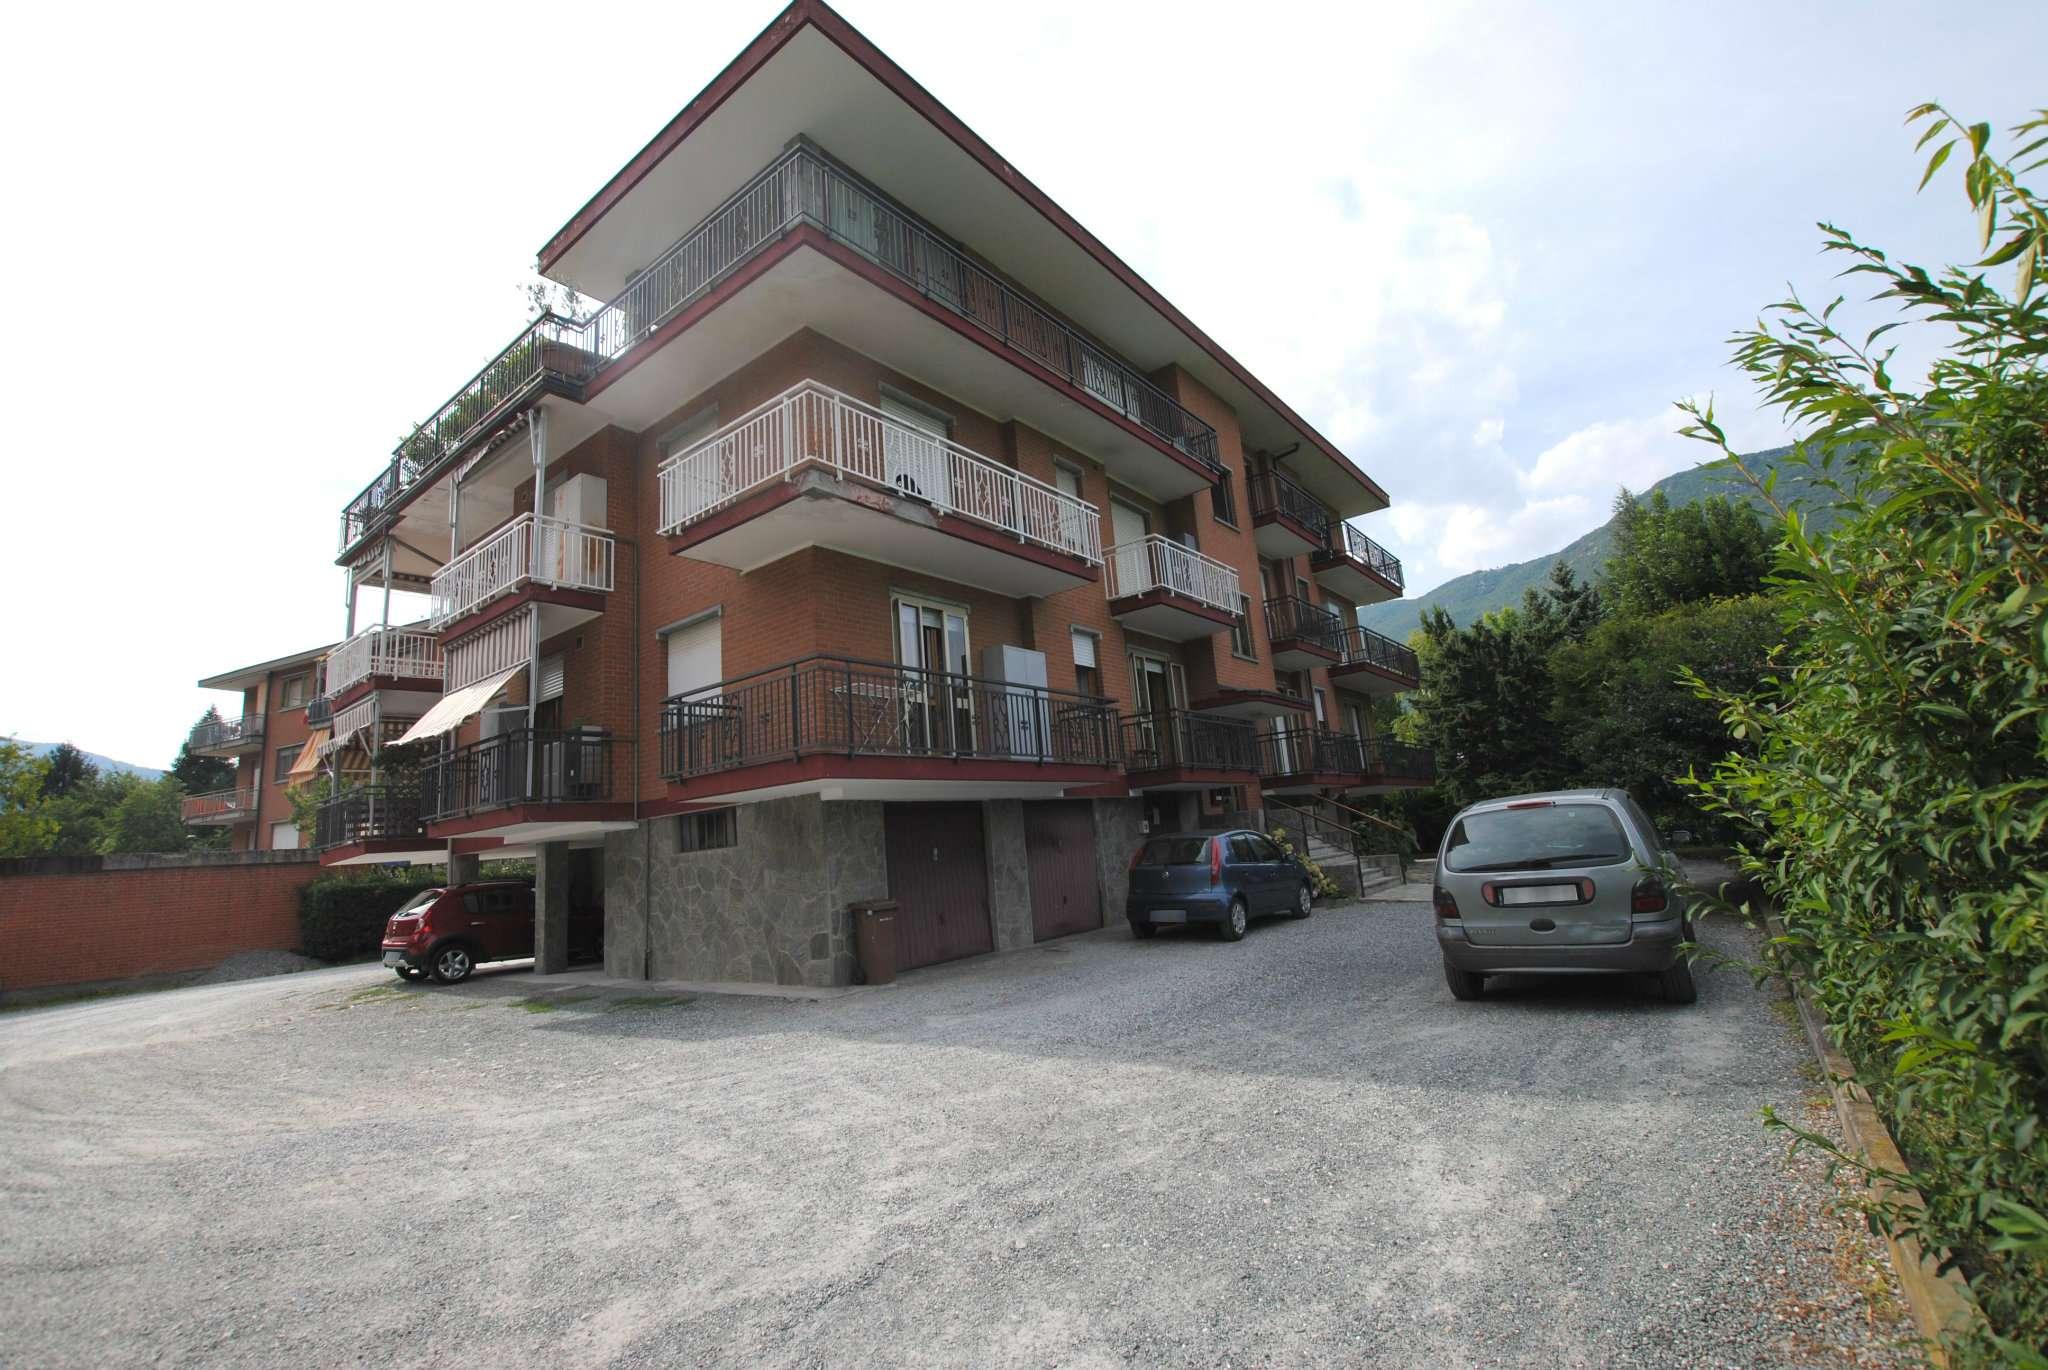 Appartamento in vendita a Sant'Antonino di Susa, 4 locali, prezzo € 125.000 | CambioCasa.it